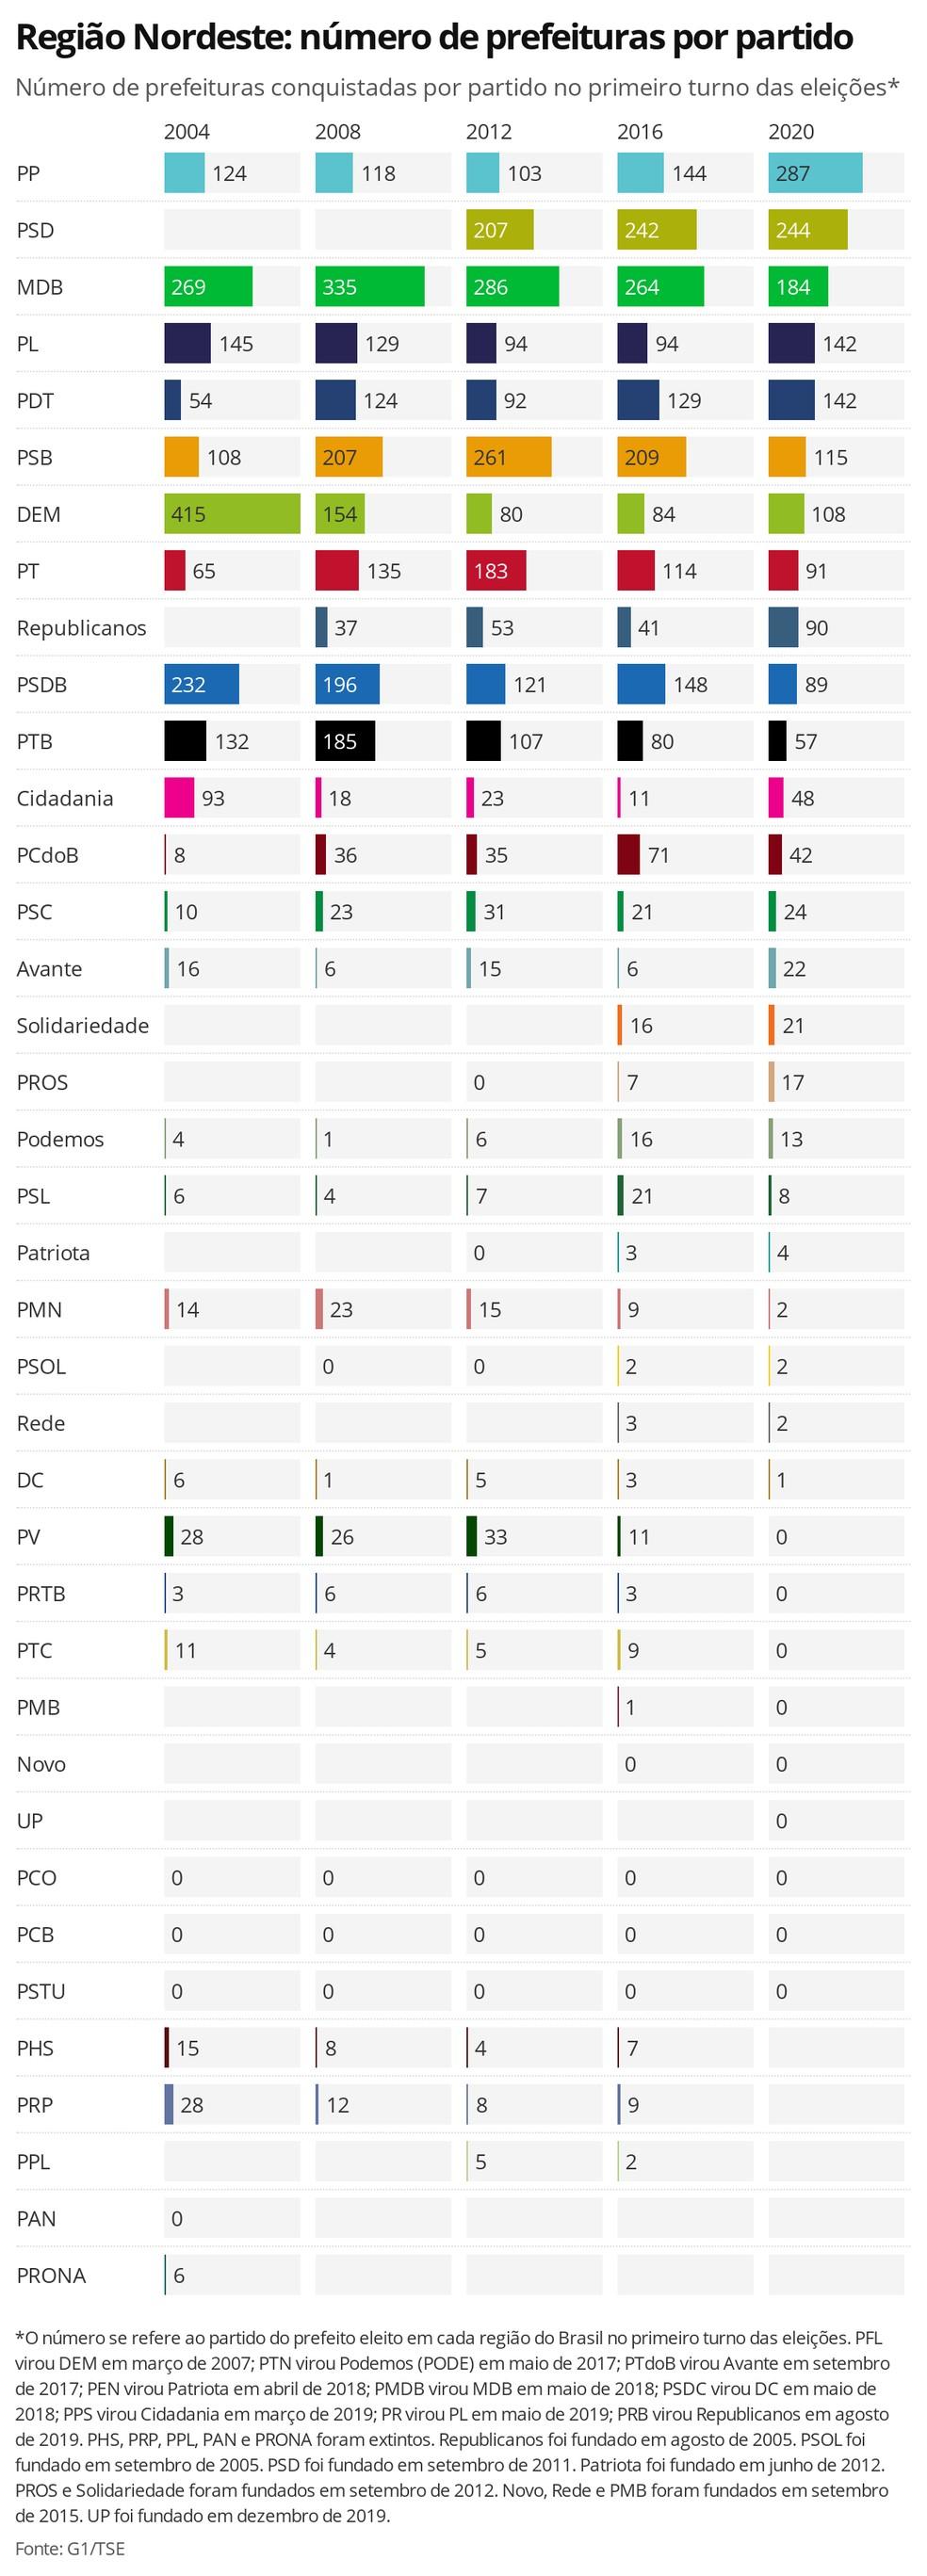 Região Nordeste: número de prefeituras por partido - número de prefeituras conquistadas por partido no primeiro turno das eleições — Foto: Datawrapper / Gabriela Caesar